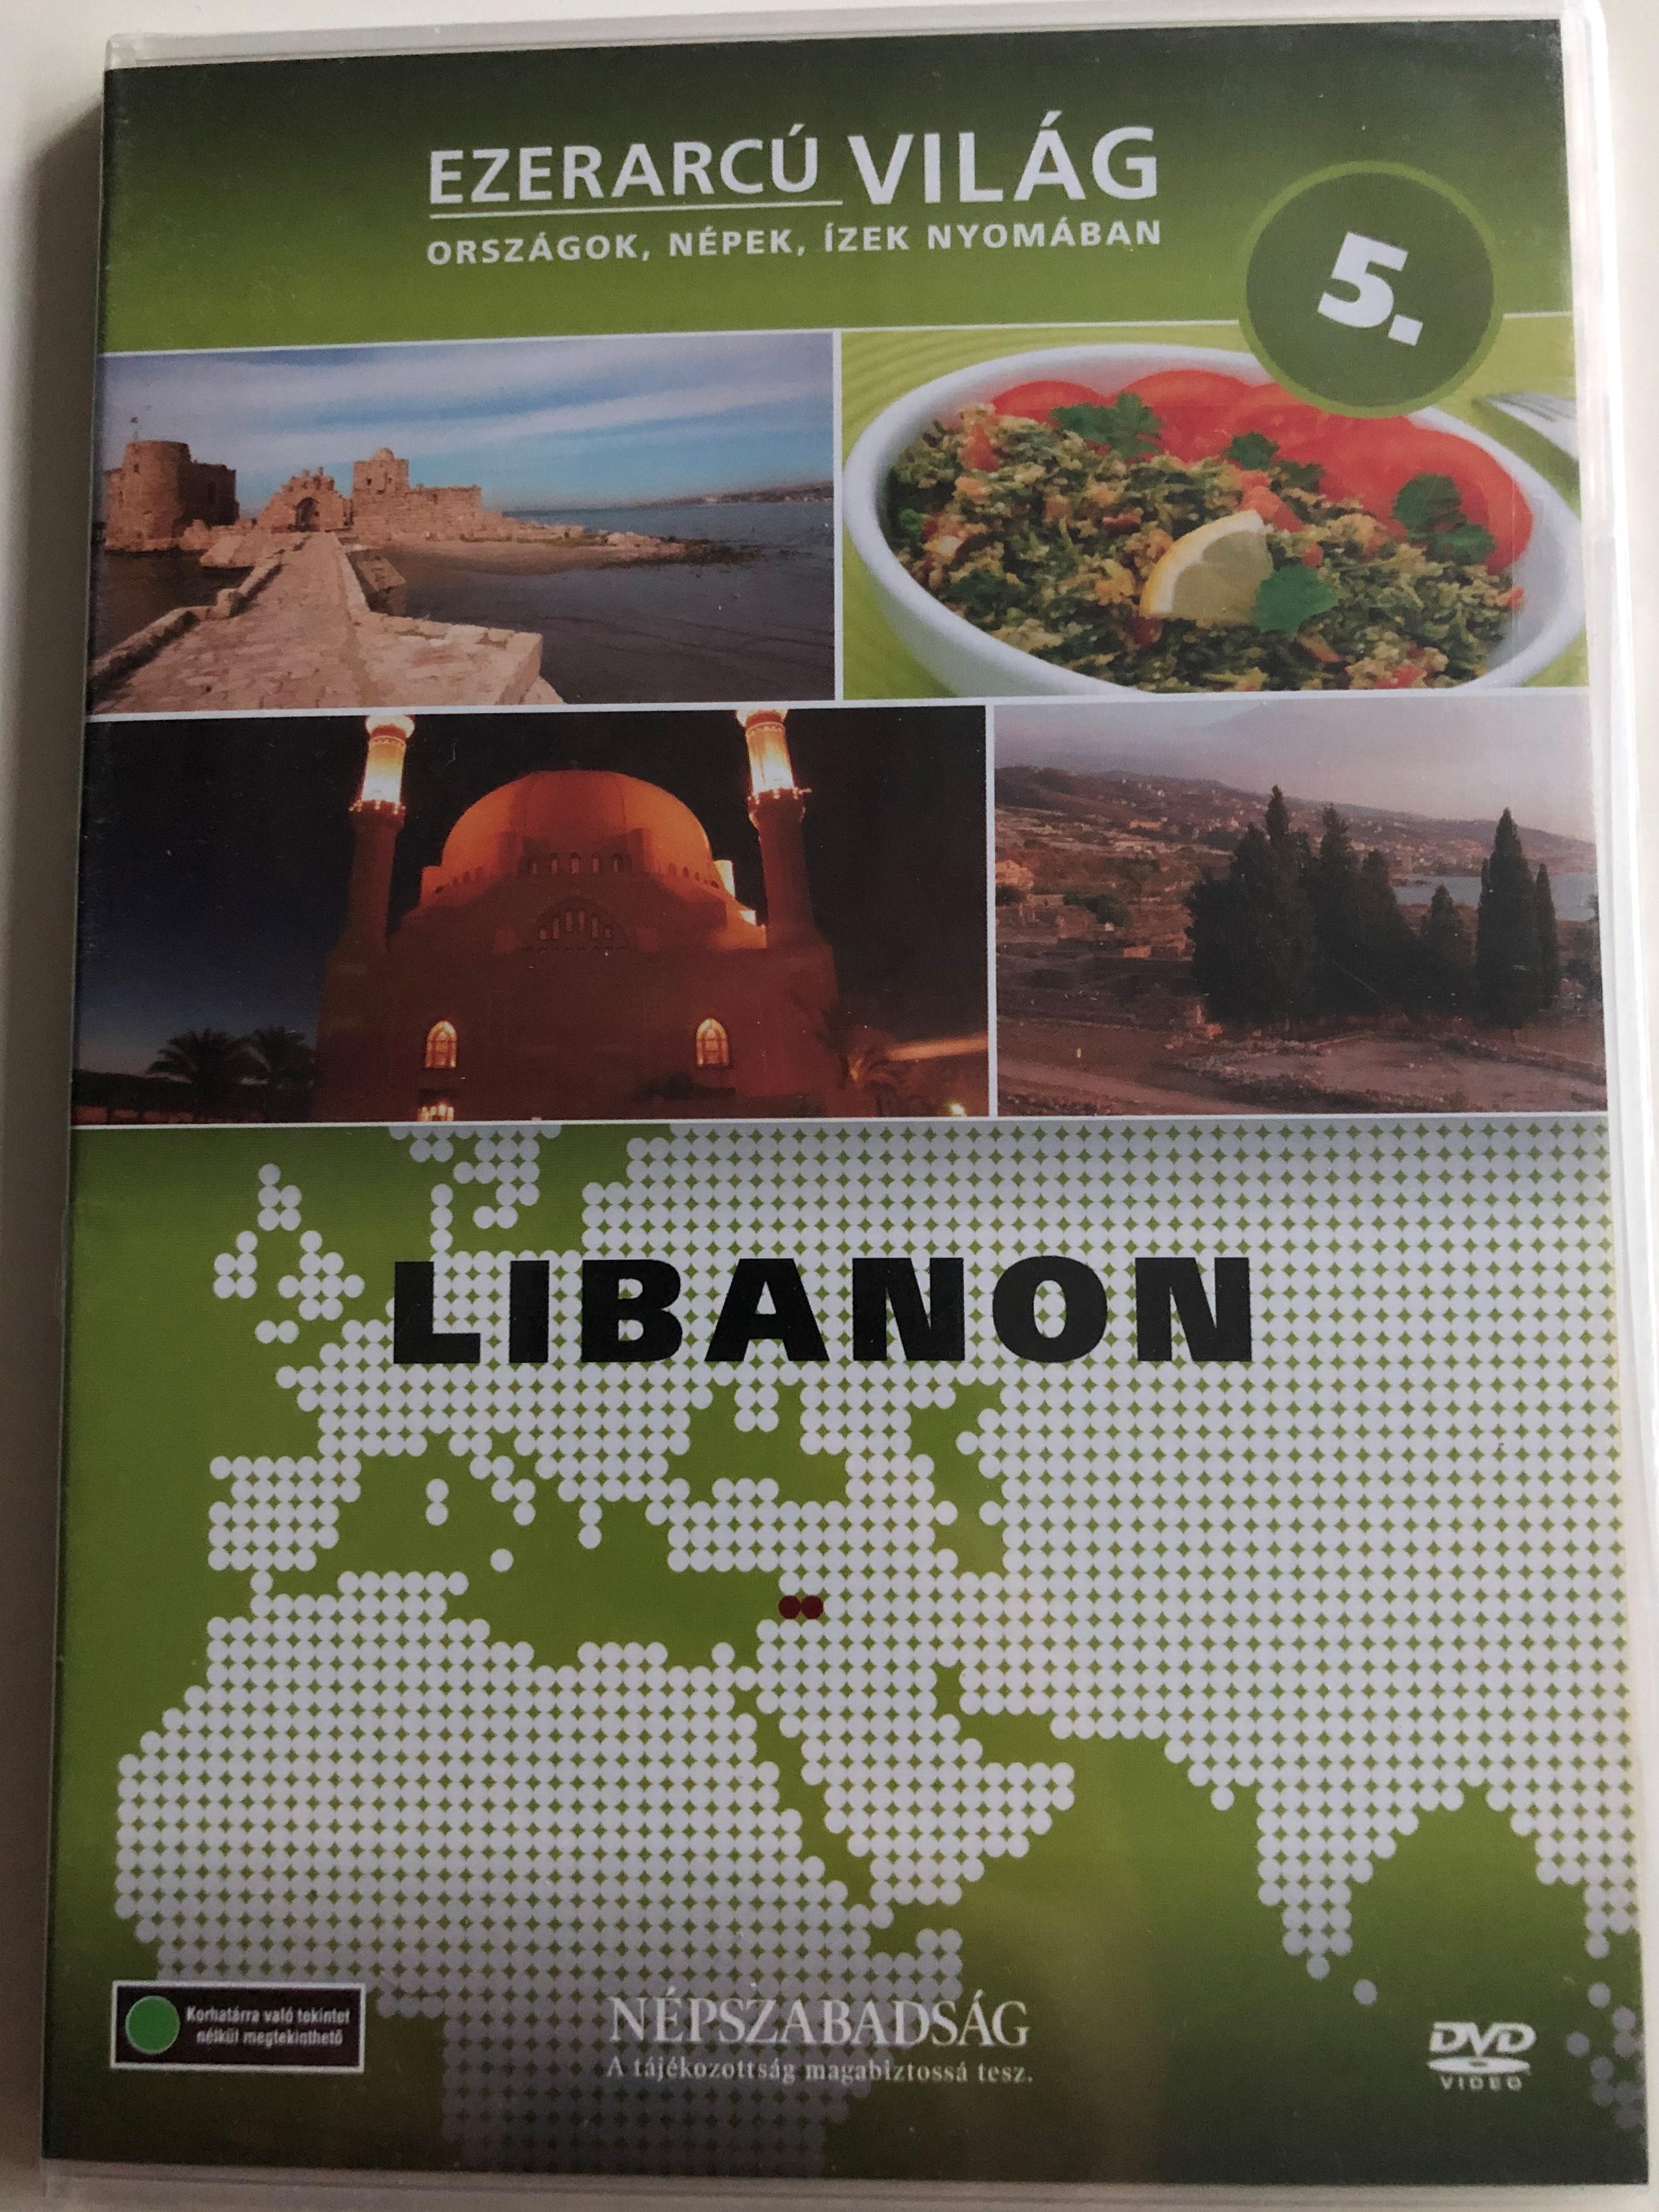 ezerarc-vil-g-vol.-5-libanon-lebanon-dvd-2009-orsz-gok-n-pek-zek-nyom-ban-20-x-dvd-set-2009-n-pszabads-g-premier-media-pilot-film-documentary-series-about-our-world-1-.jpg